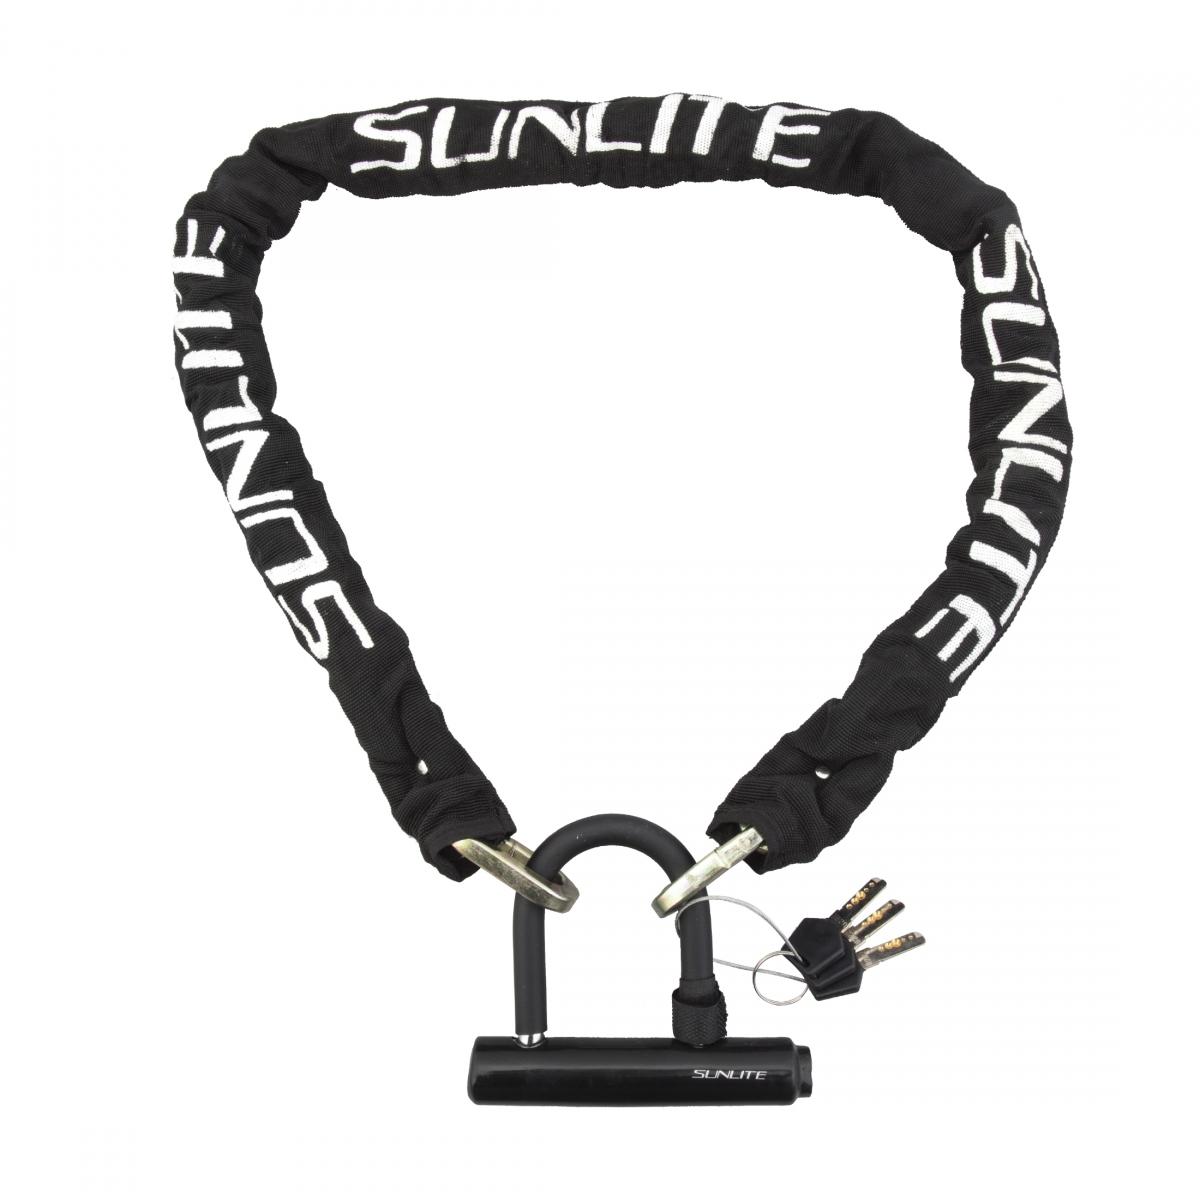 Sunlite Defender Key//Chain Lock Lock Sunlt Dfndr 2 Chain 4f W//intgrtd Lock